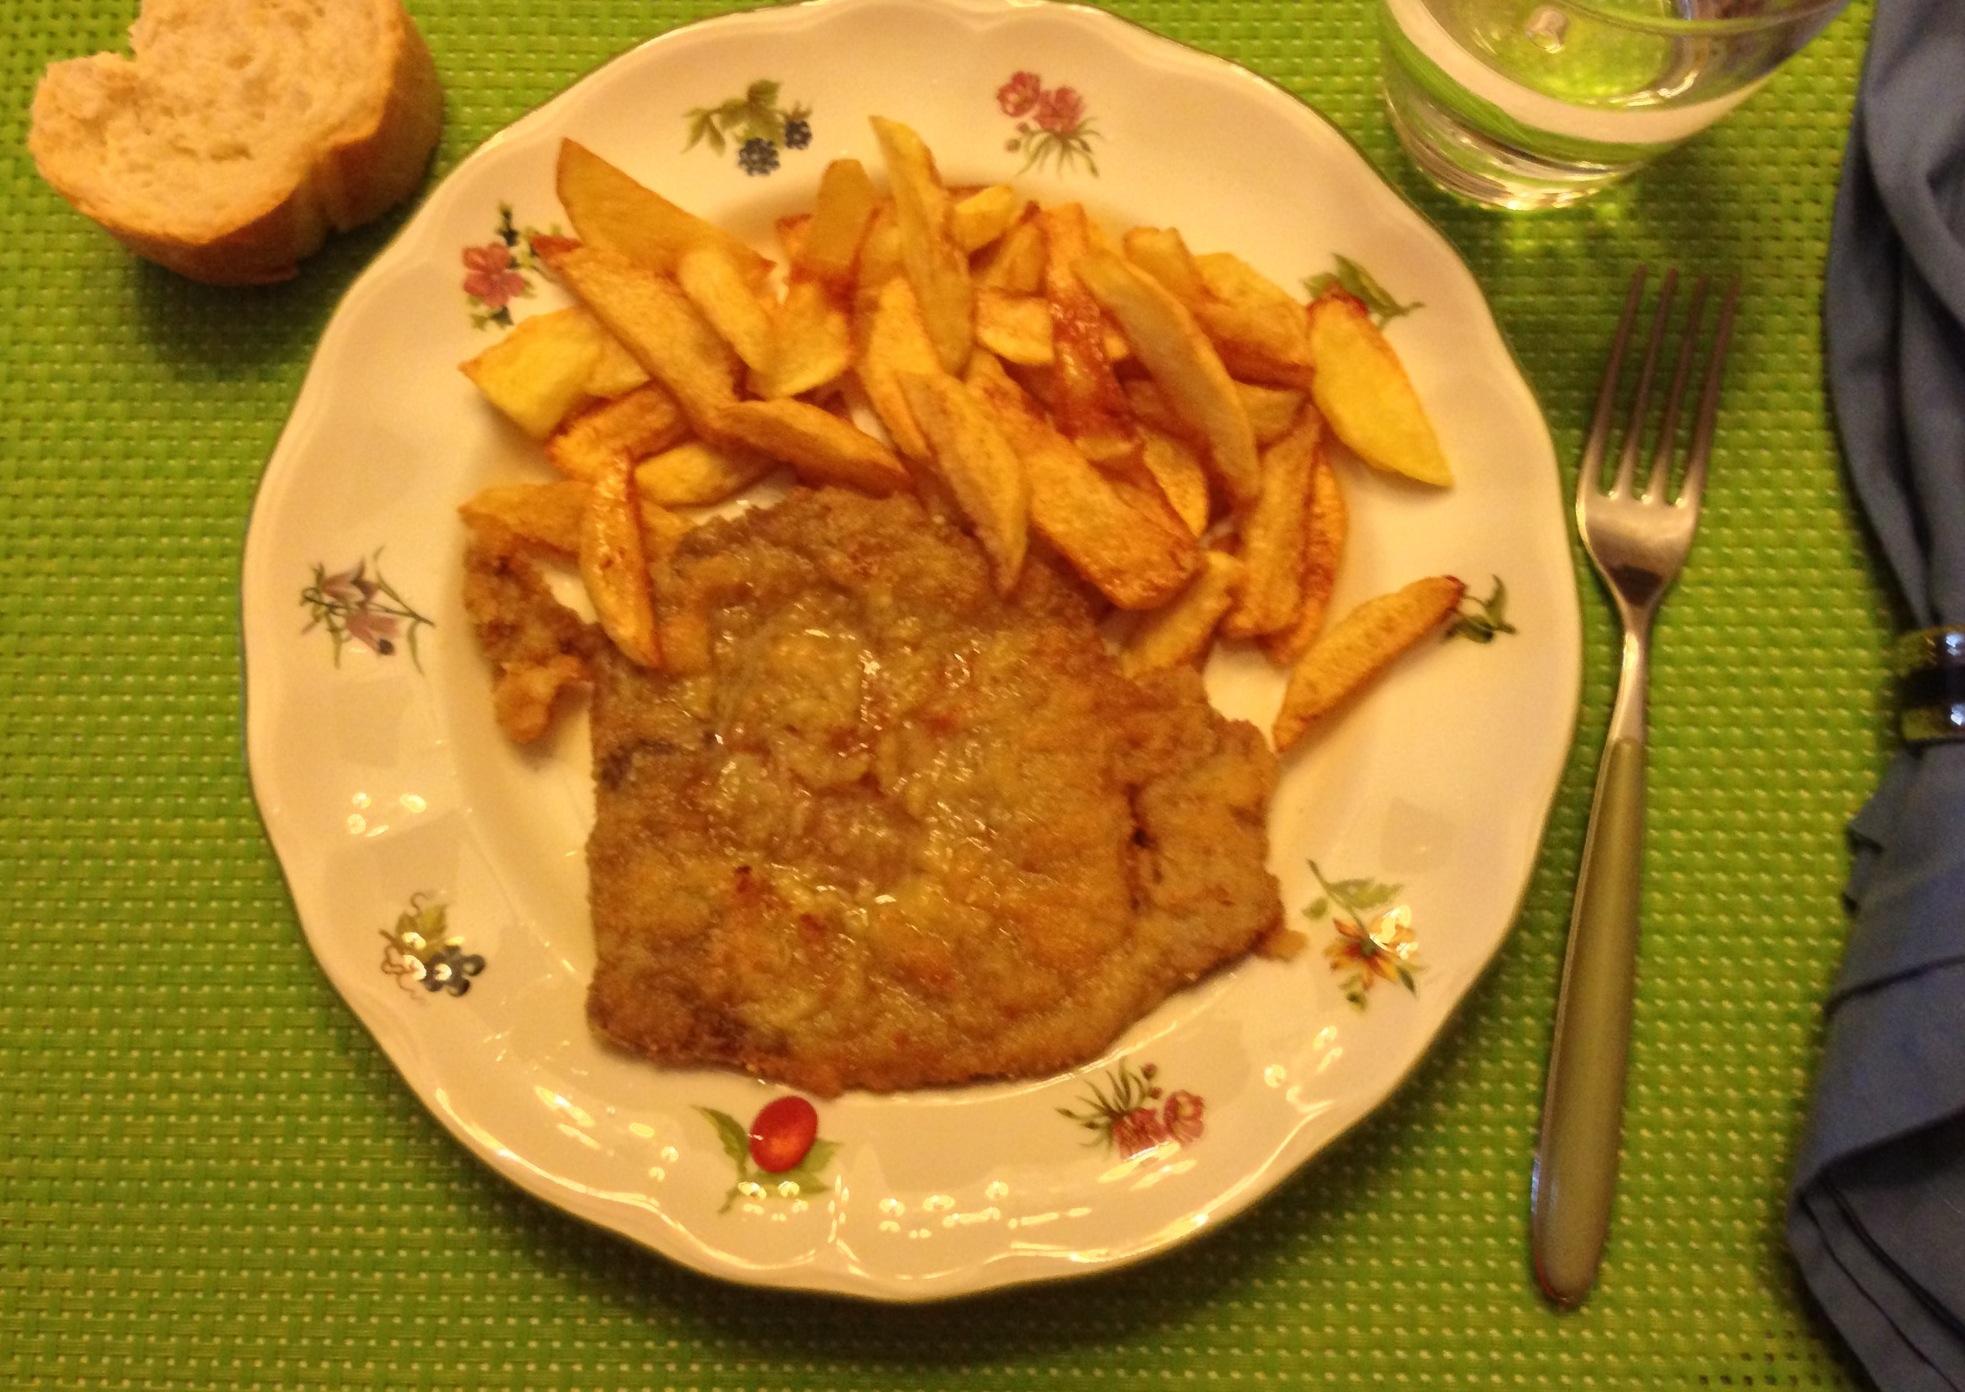 Filete de ternera a la milanesa principiantes entre fogones for Cocinar filetes de ternera